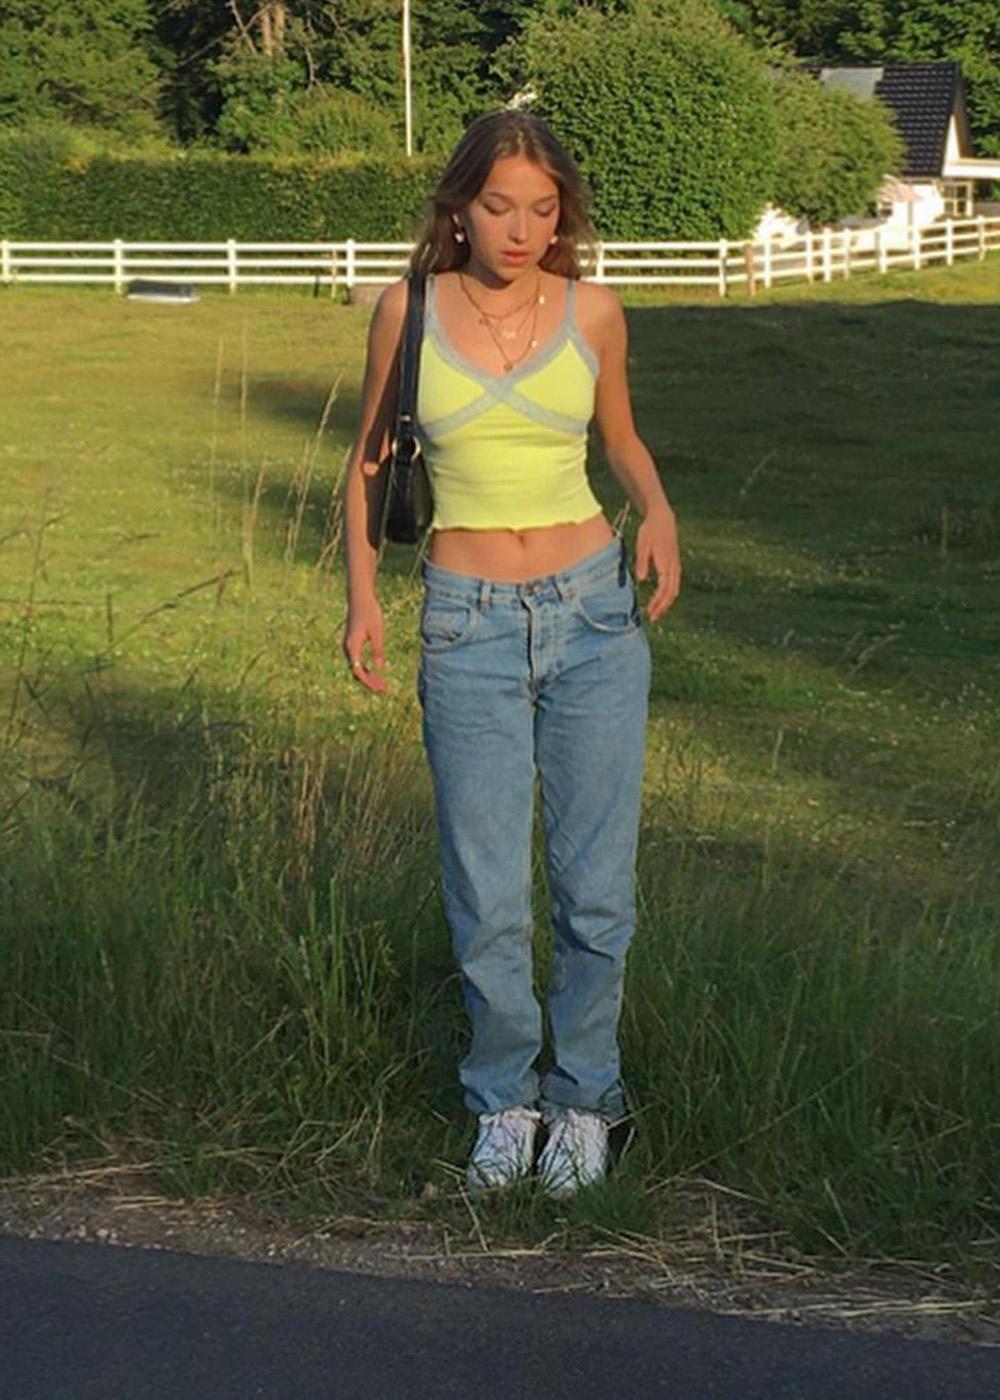 calça jeans de cintura baixa, regata amarela com renda e bolsa baguete